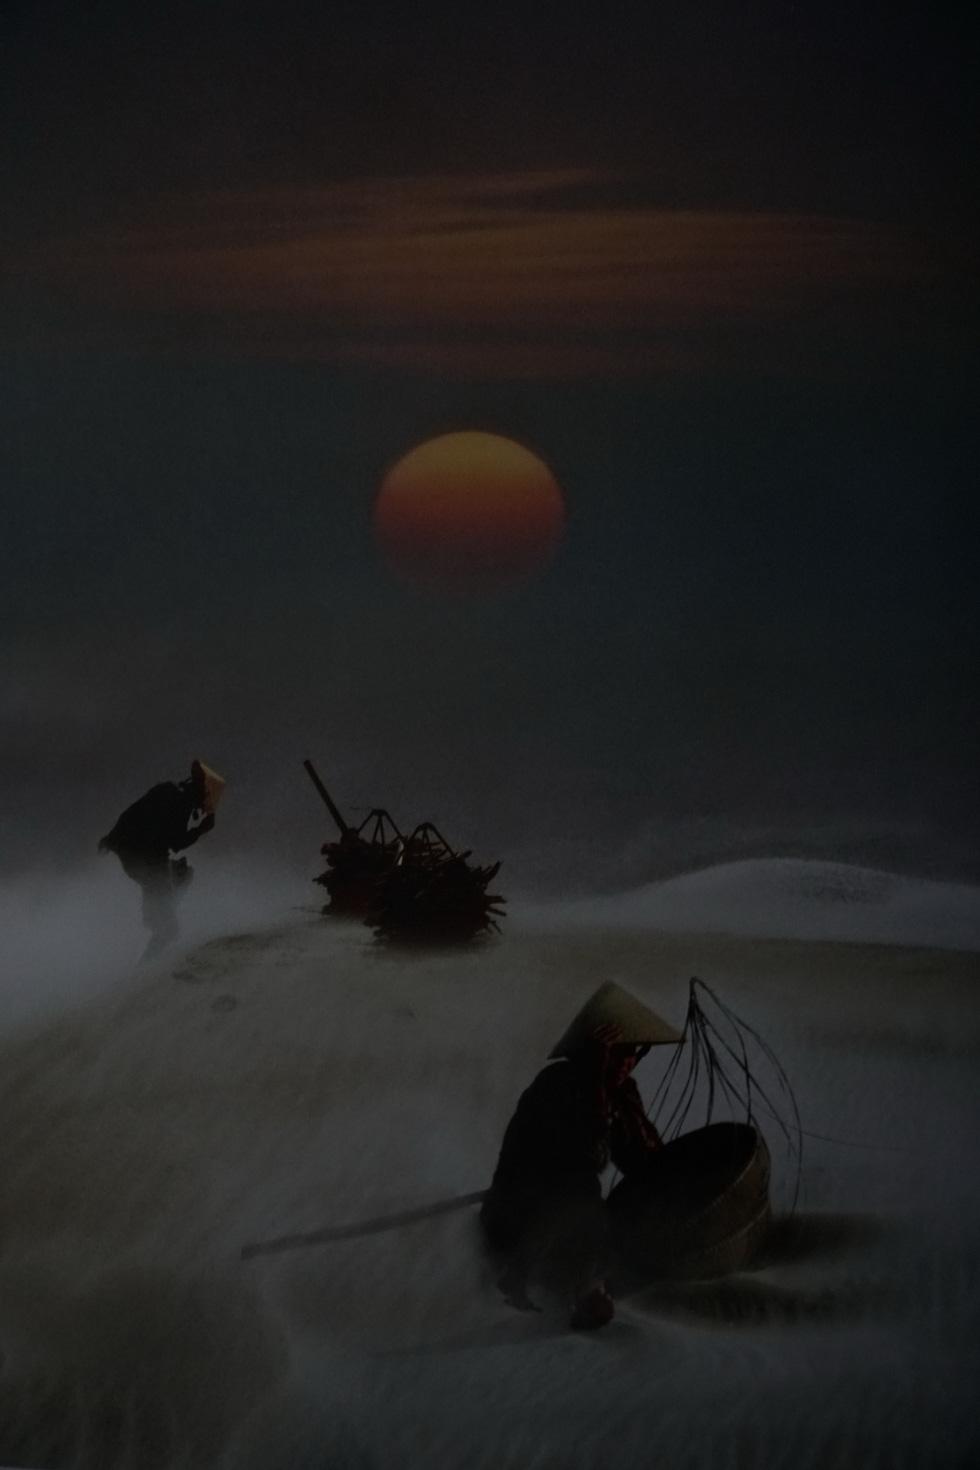 Vĩnh biệt đại thụ Nguyễn Mạnh Đan, người viết sử bằng ảnh 2 thế kỉ - Ảnh 7.